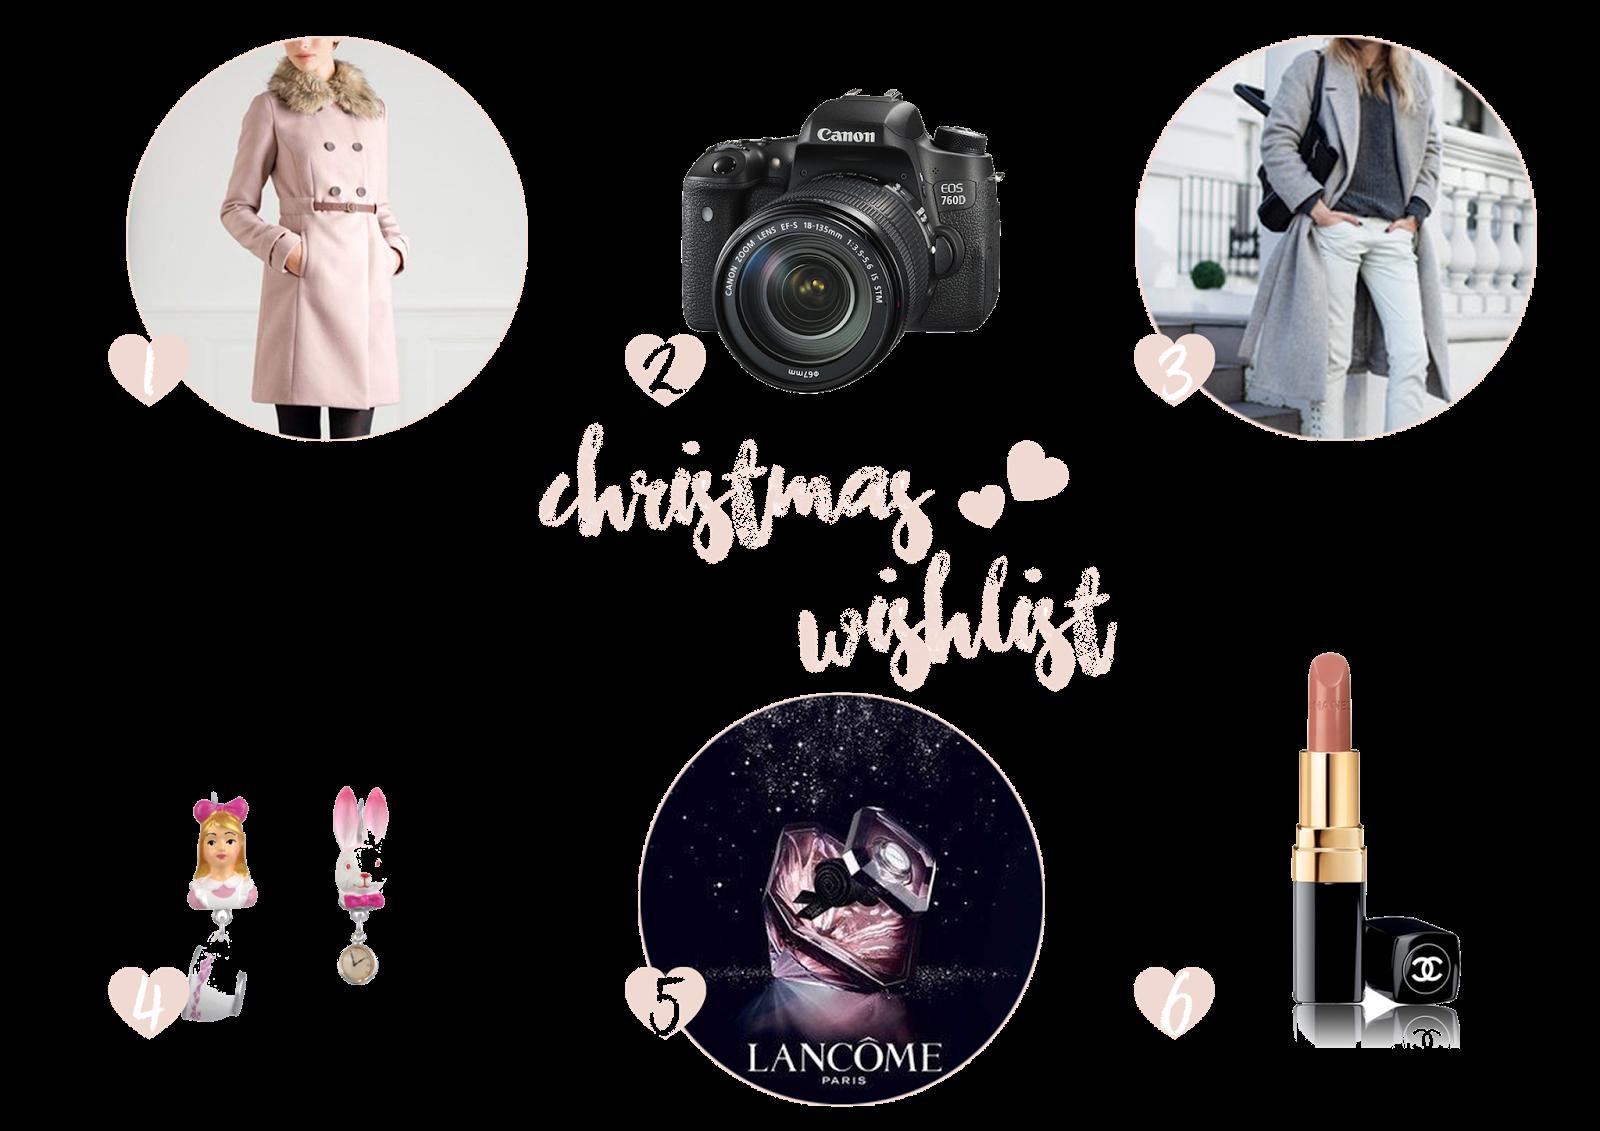 http://www.rosemademoiselle.com/2015/12/merry-christmas-j-12.html